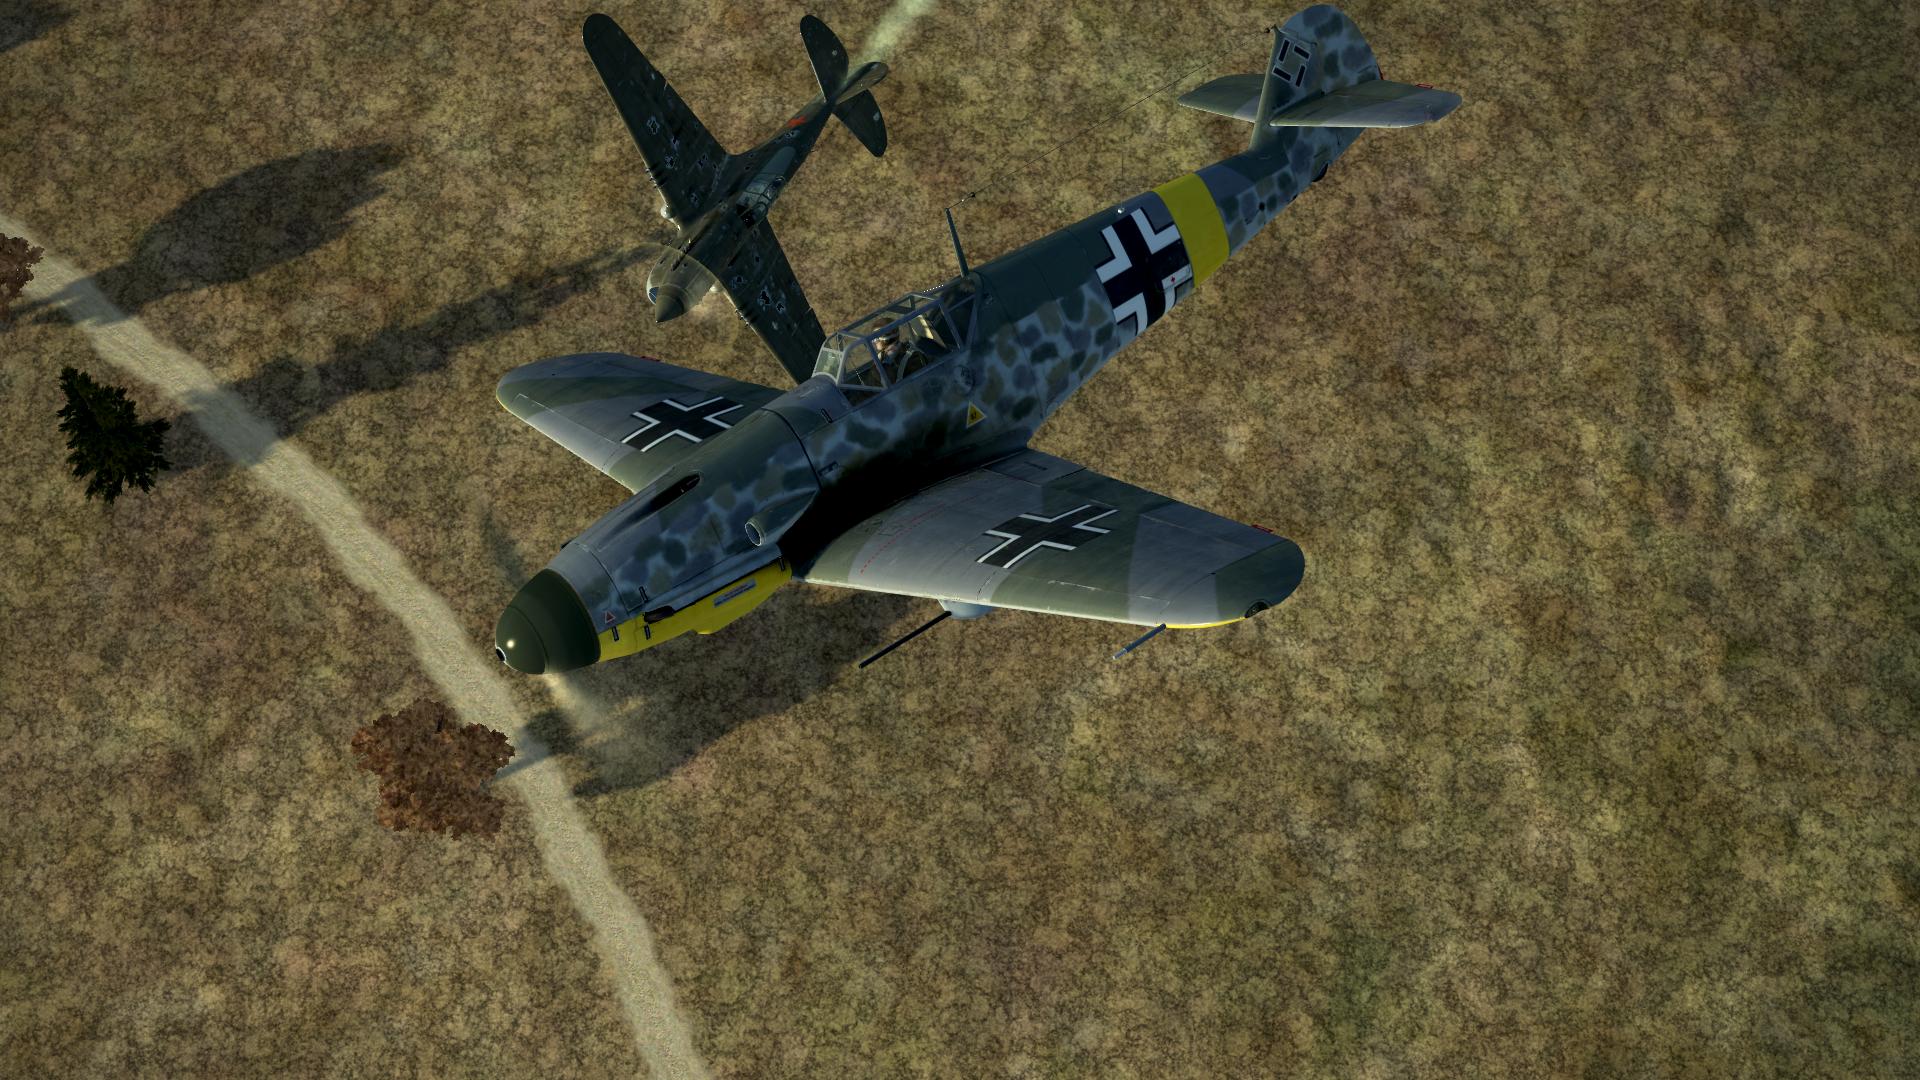 IL-2 Sturmovik Battle of Stalingrad Screenshot 2020.03.24 - 22.50.39.32.png